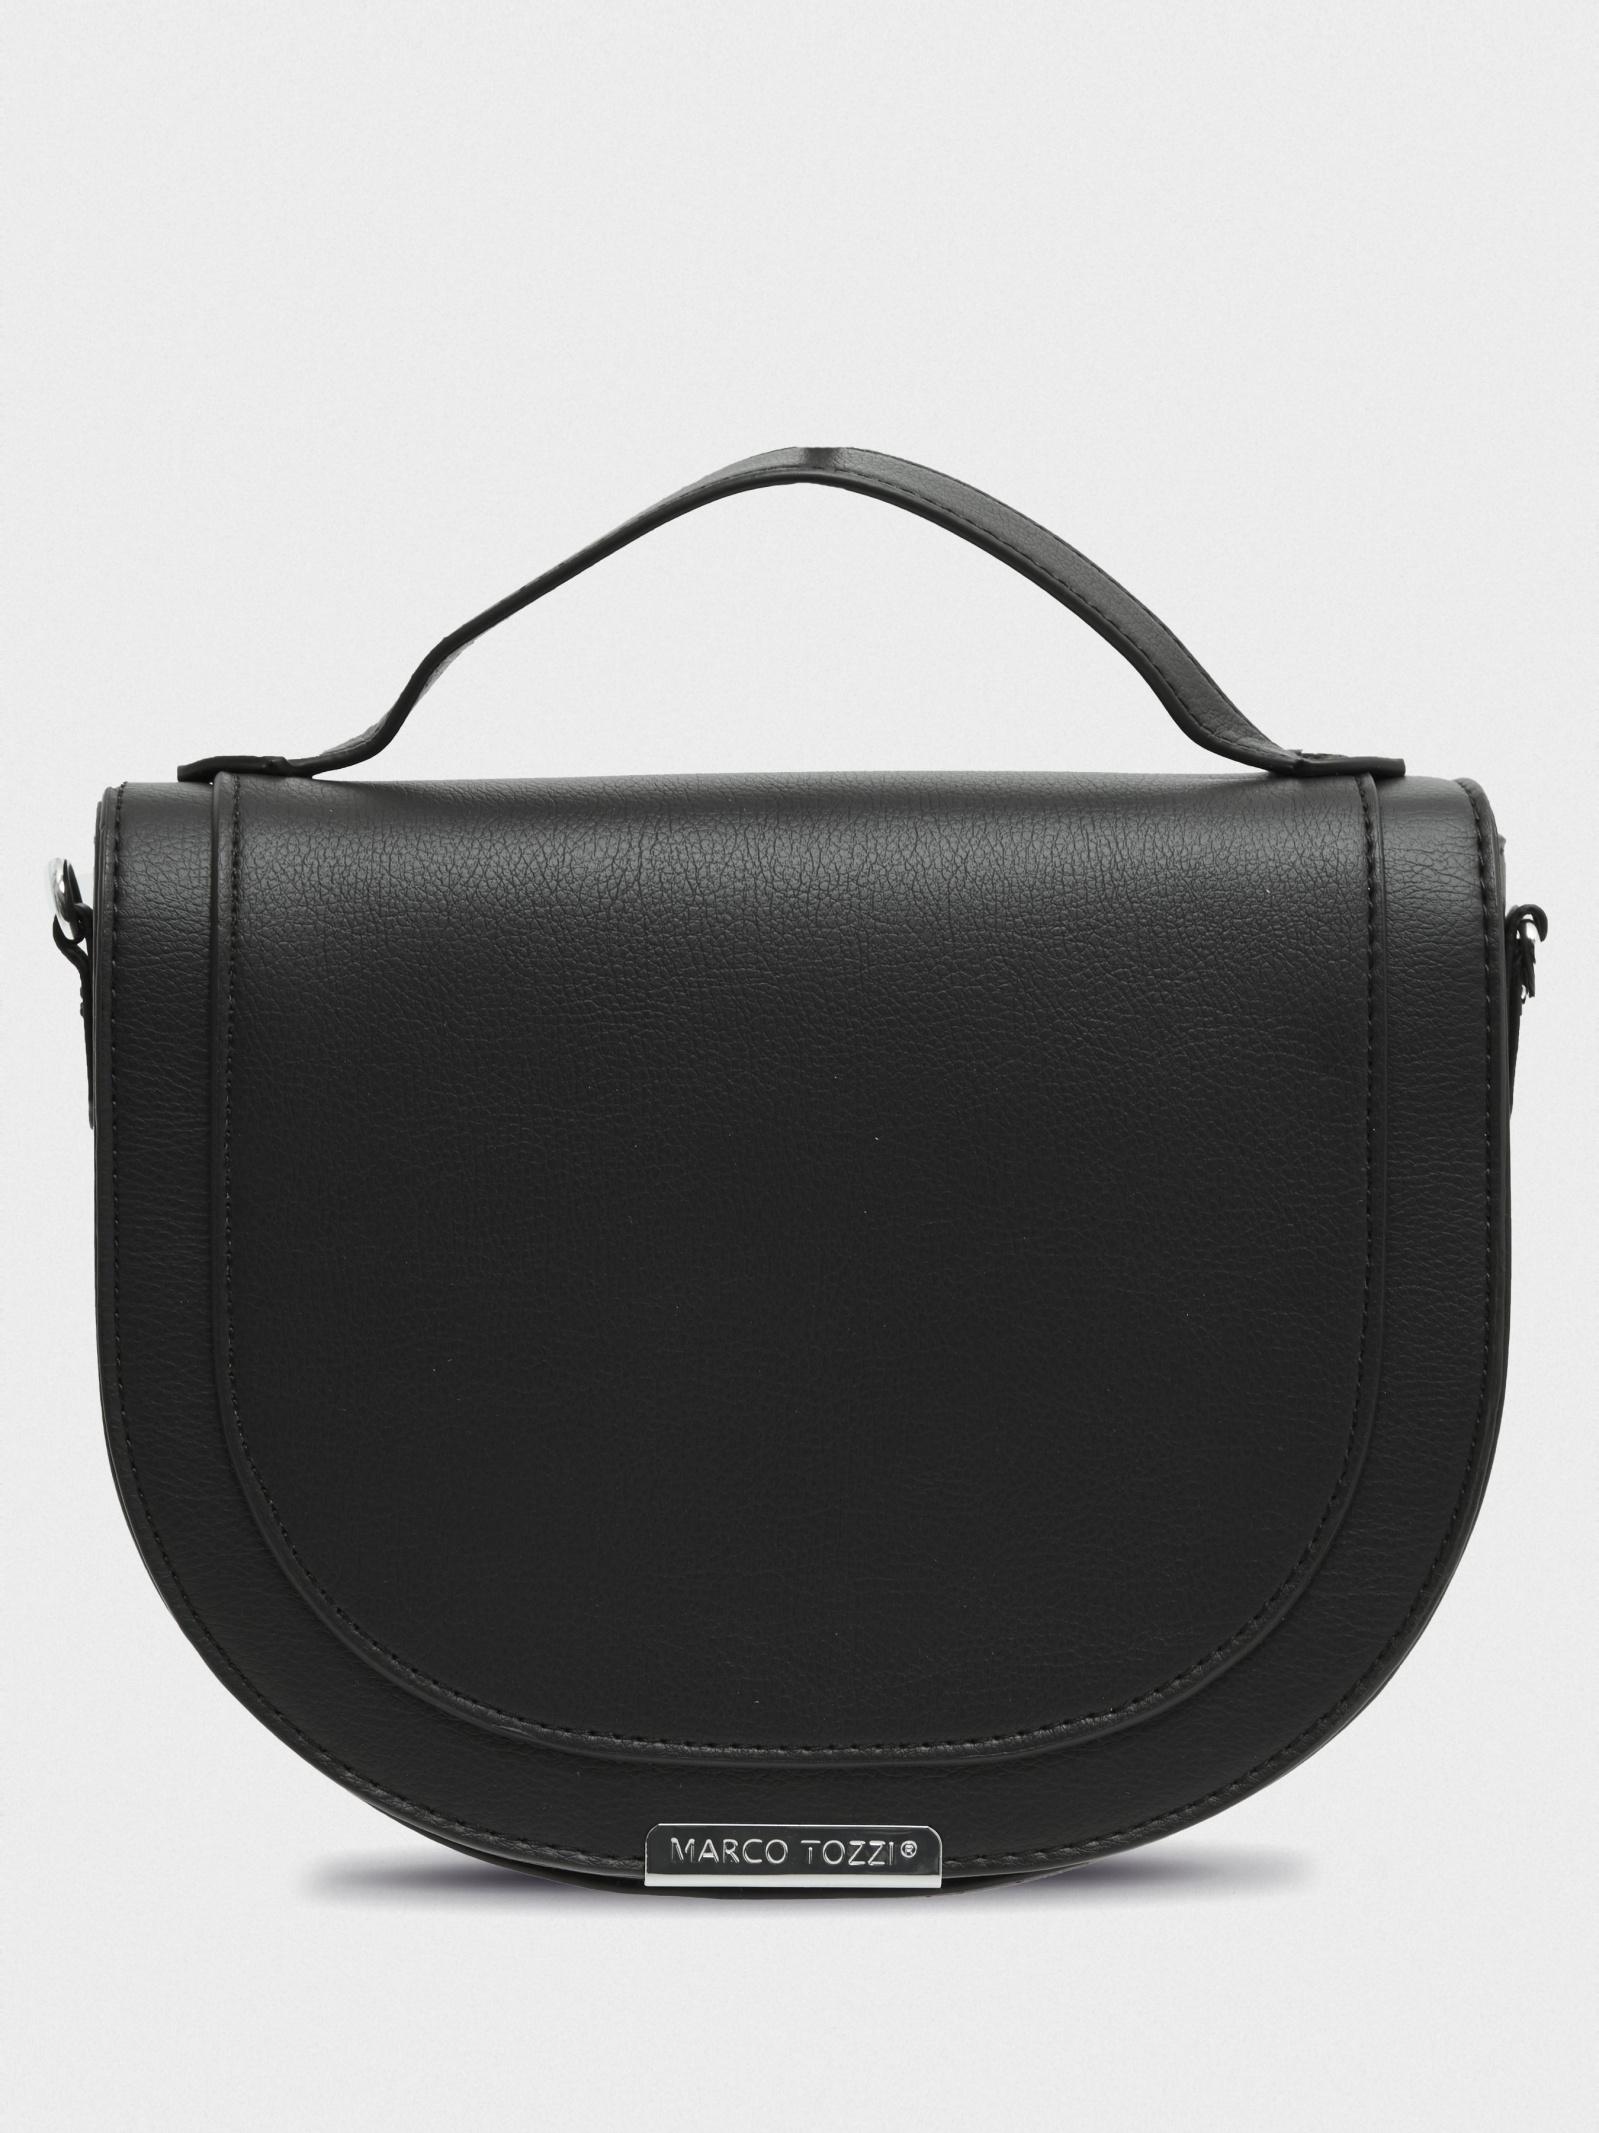 Marco Tozzi Сумка  модель 61011-24-001 black відгуки, 2017